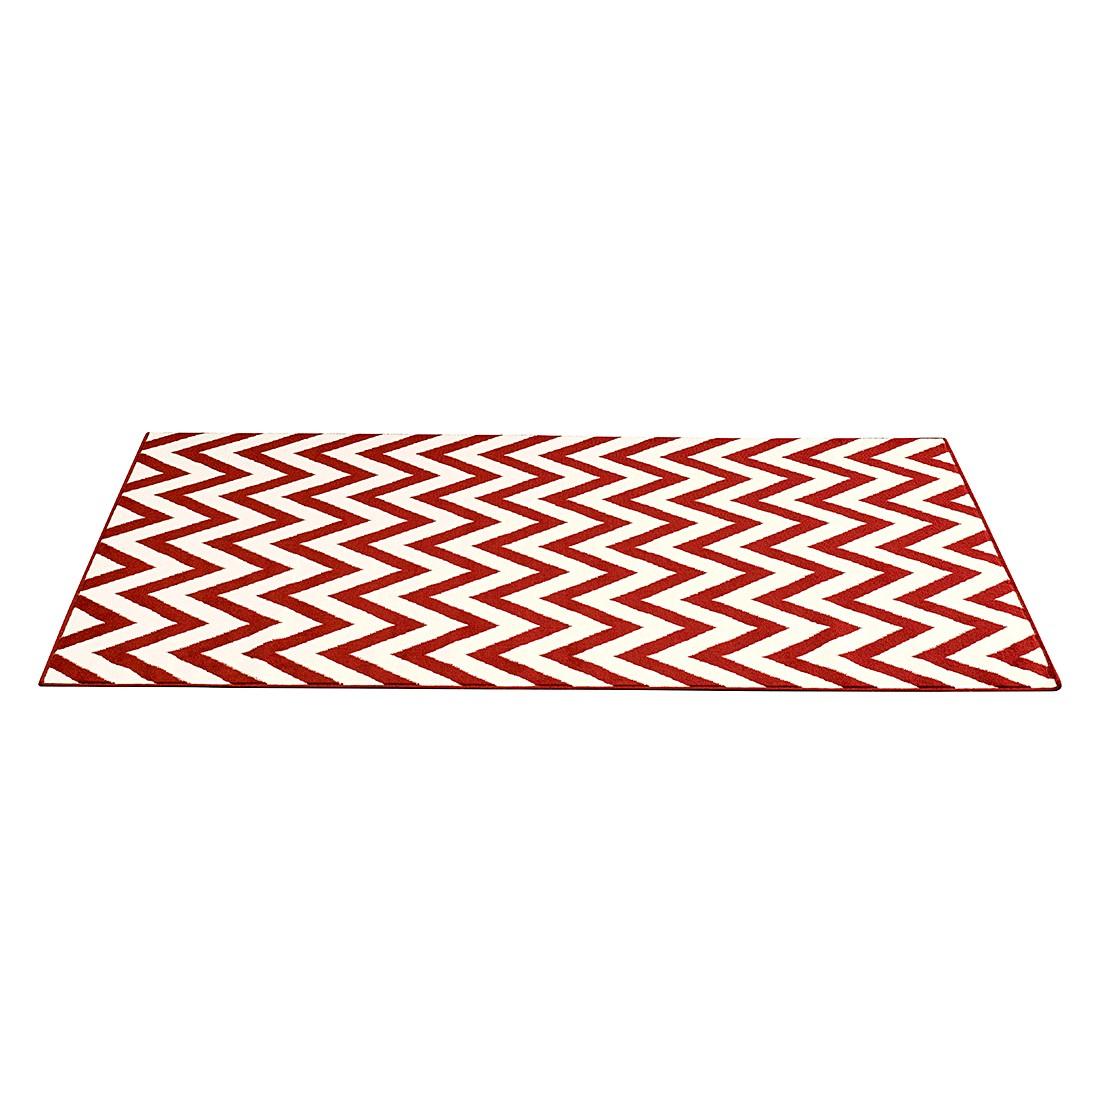 Teppich Zick&Zack – Rot – 200 x 290 cm, Hanse Home Collection günstig online kaufen